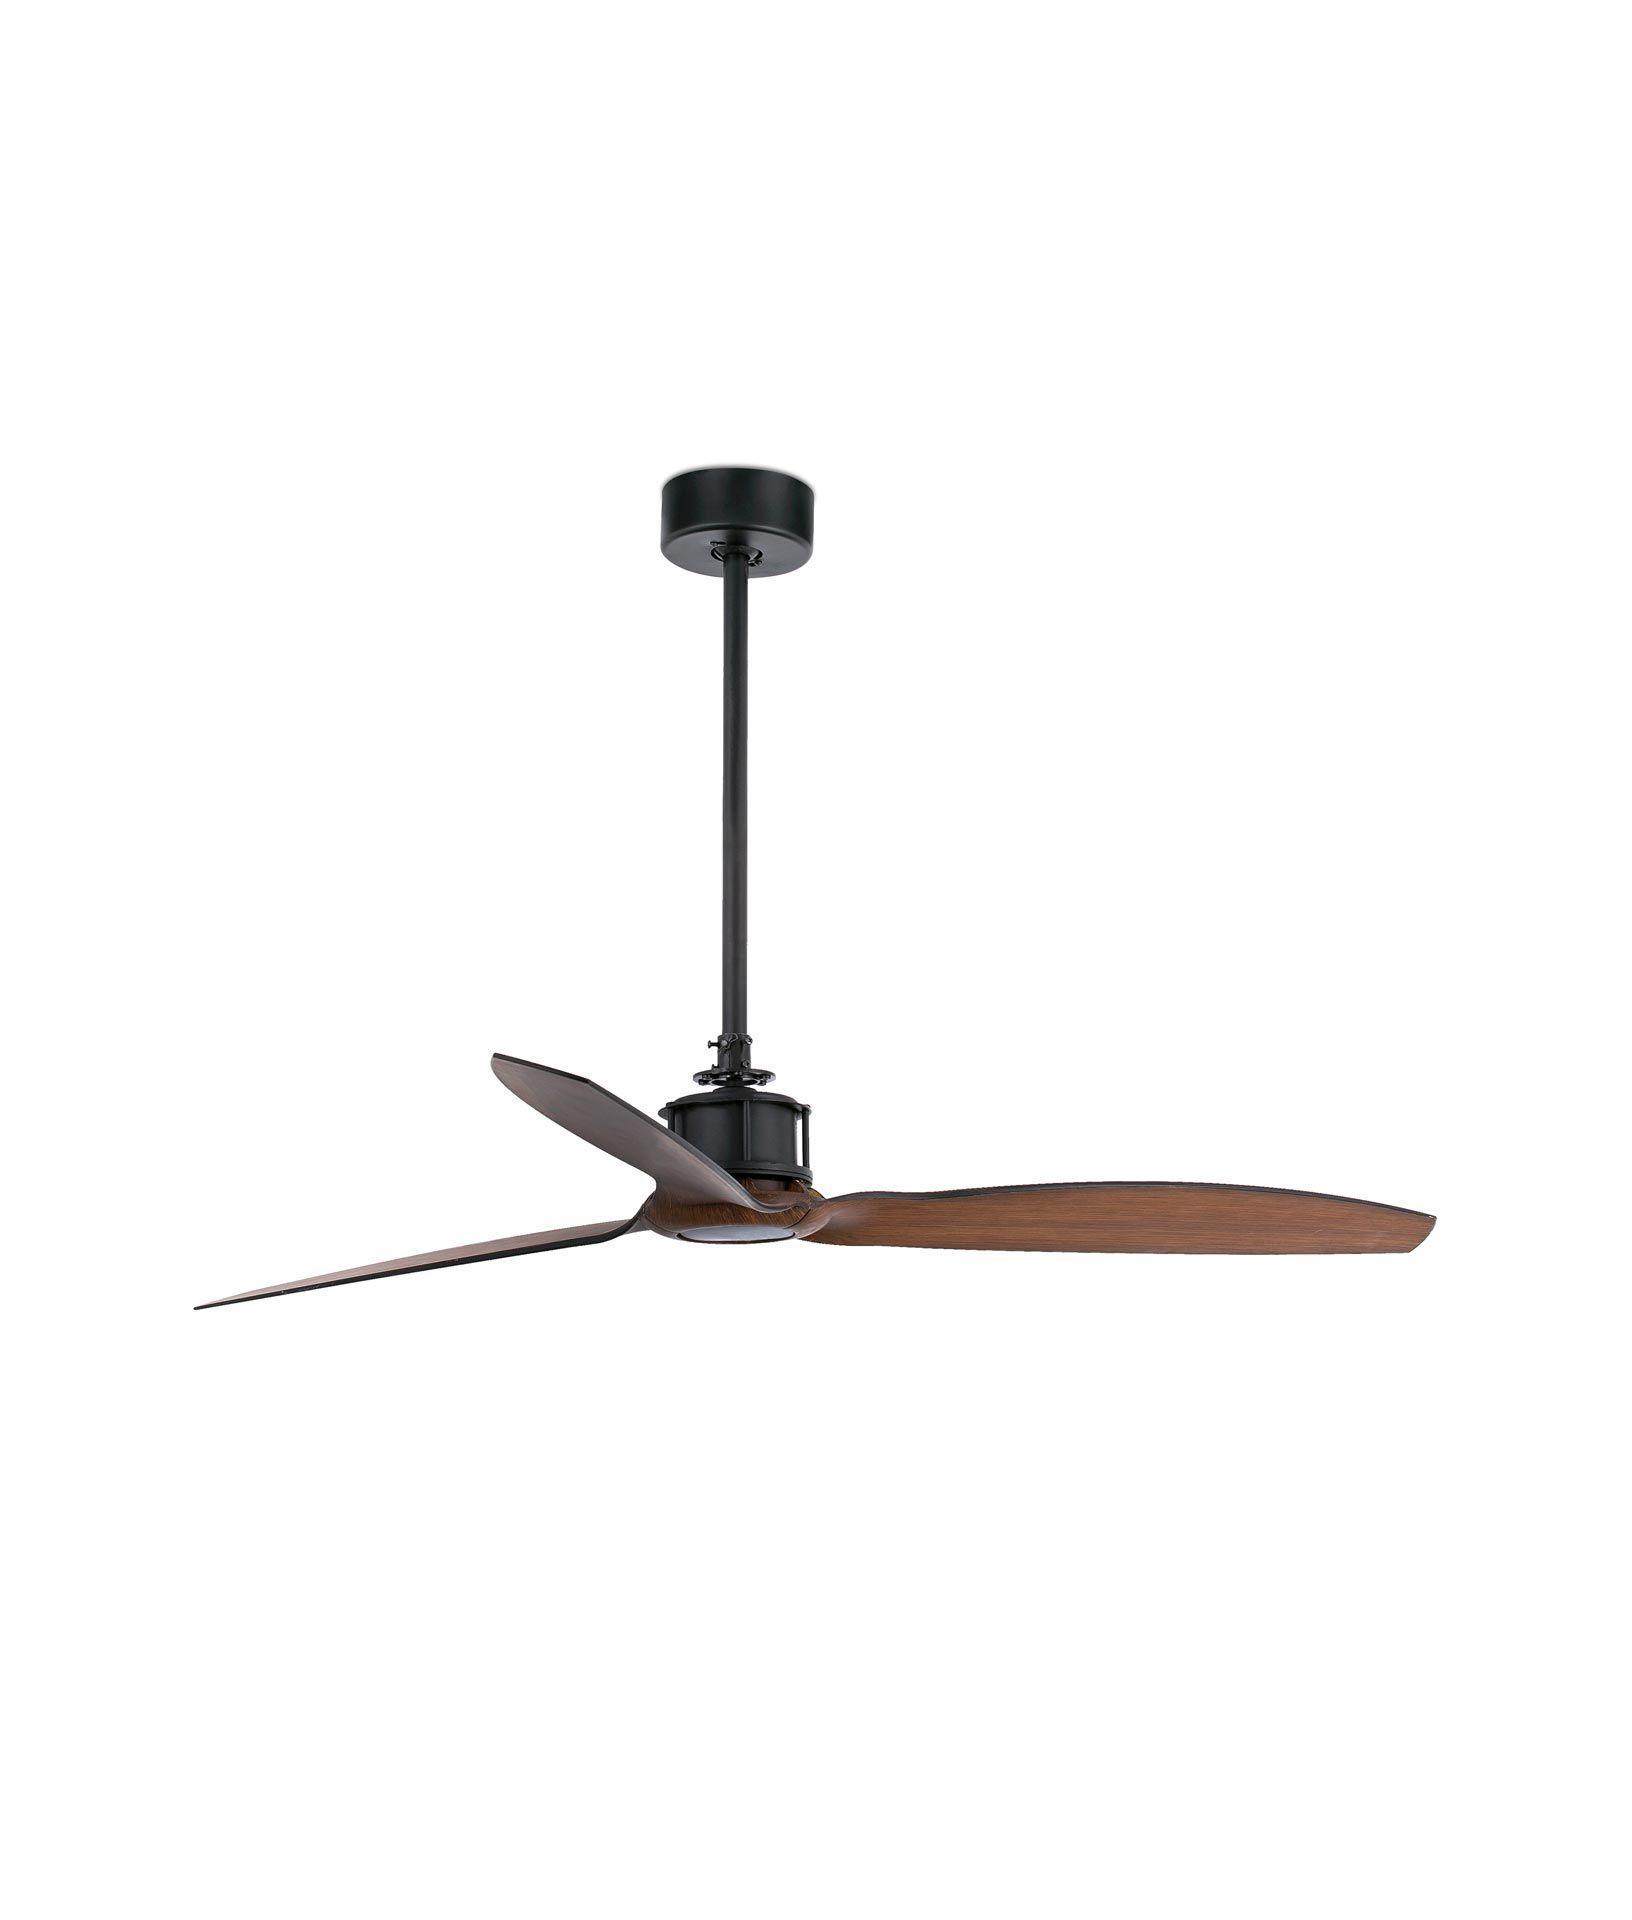 Ventilador de techo negro just fan la casa de la l mpara - Lamparas de techo con ventilador ...